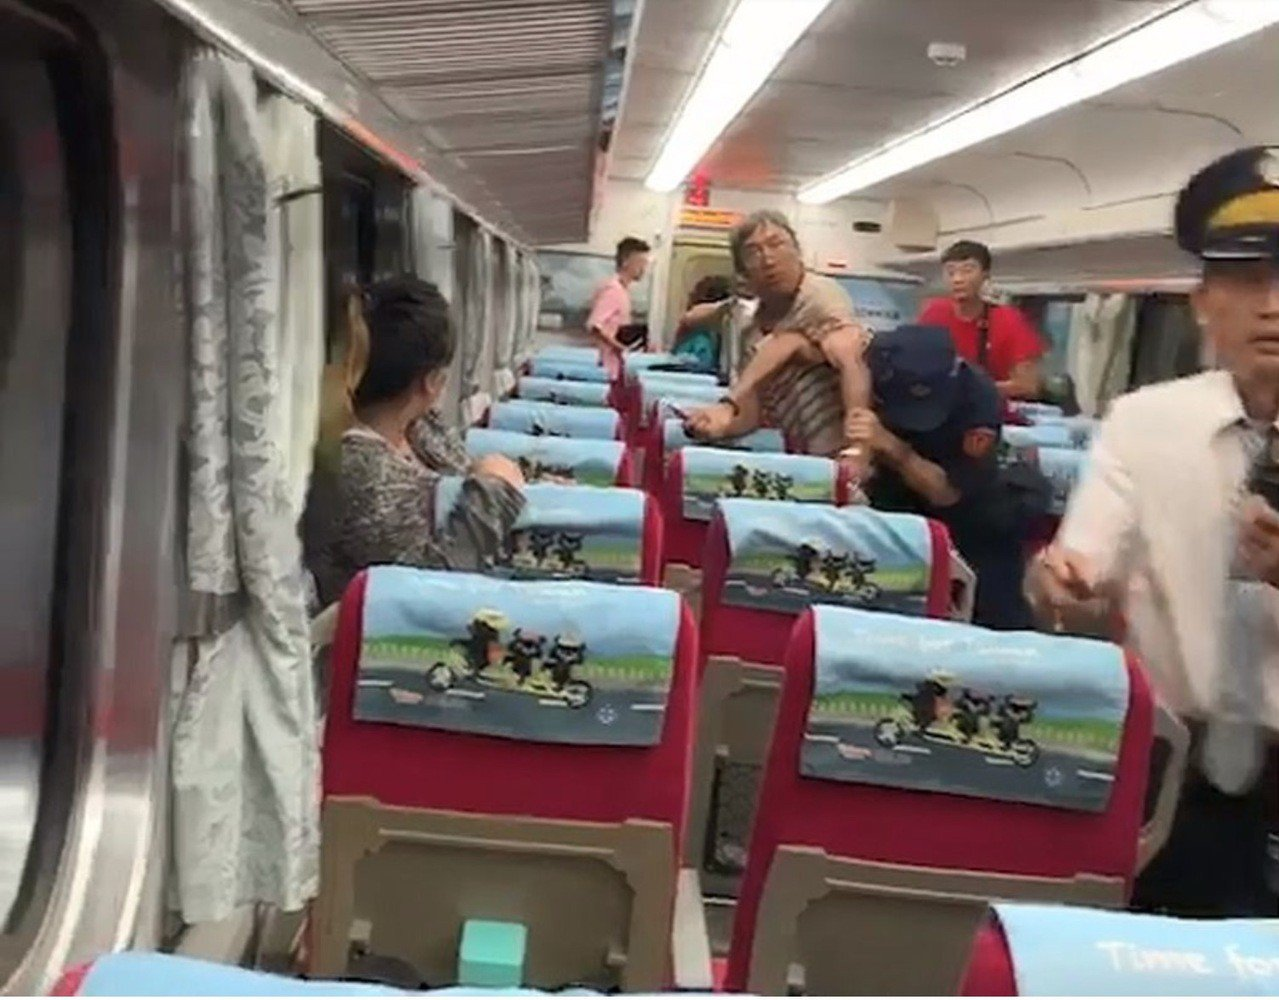 嘉義火車站昨晚發生李姓鐵路警察處理乘客糾紛時,遭刺傷送醫不治案件。圖/翻攝相片